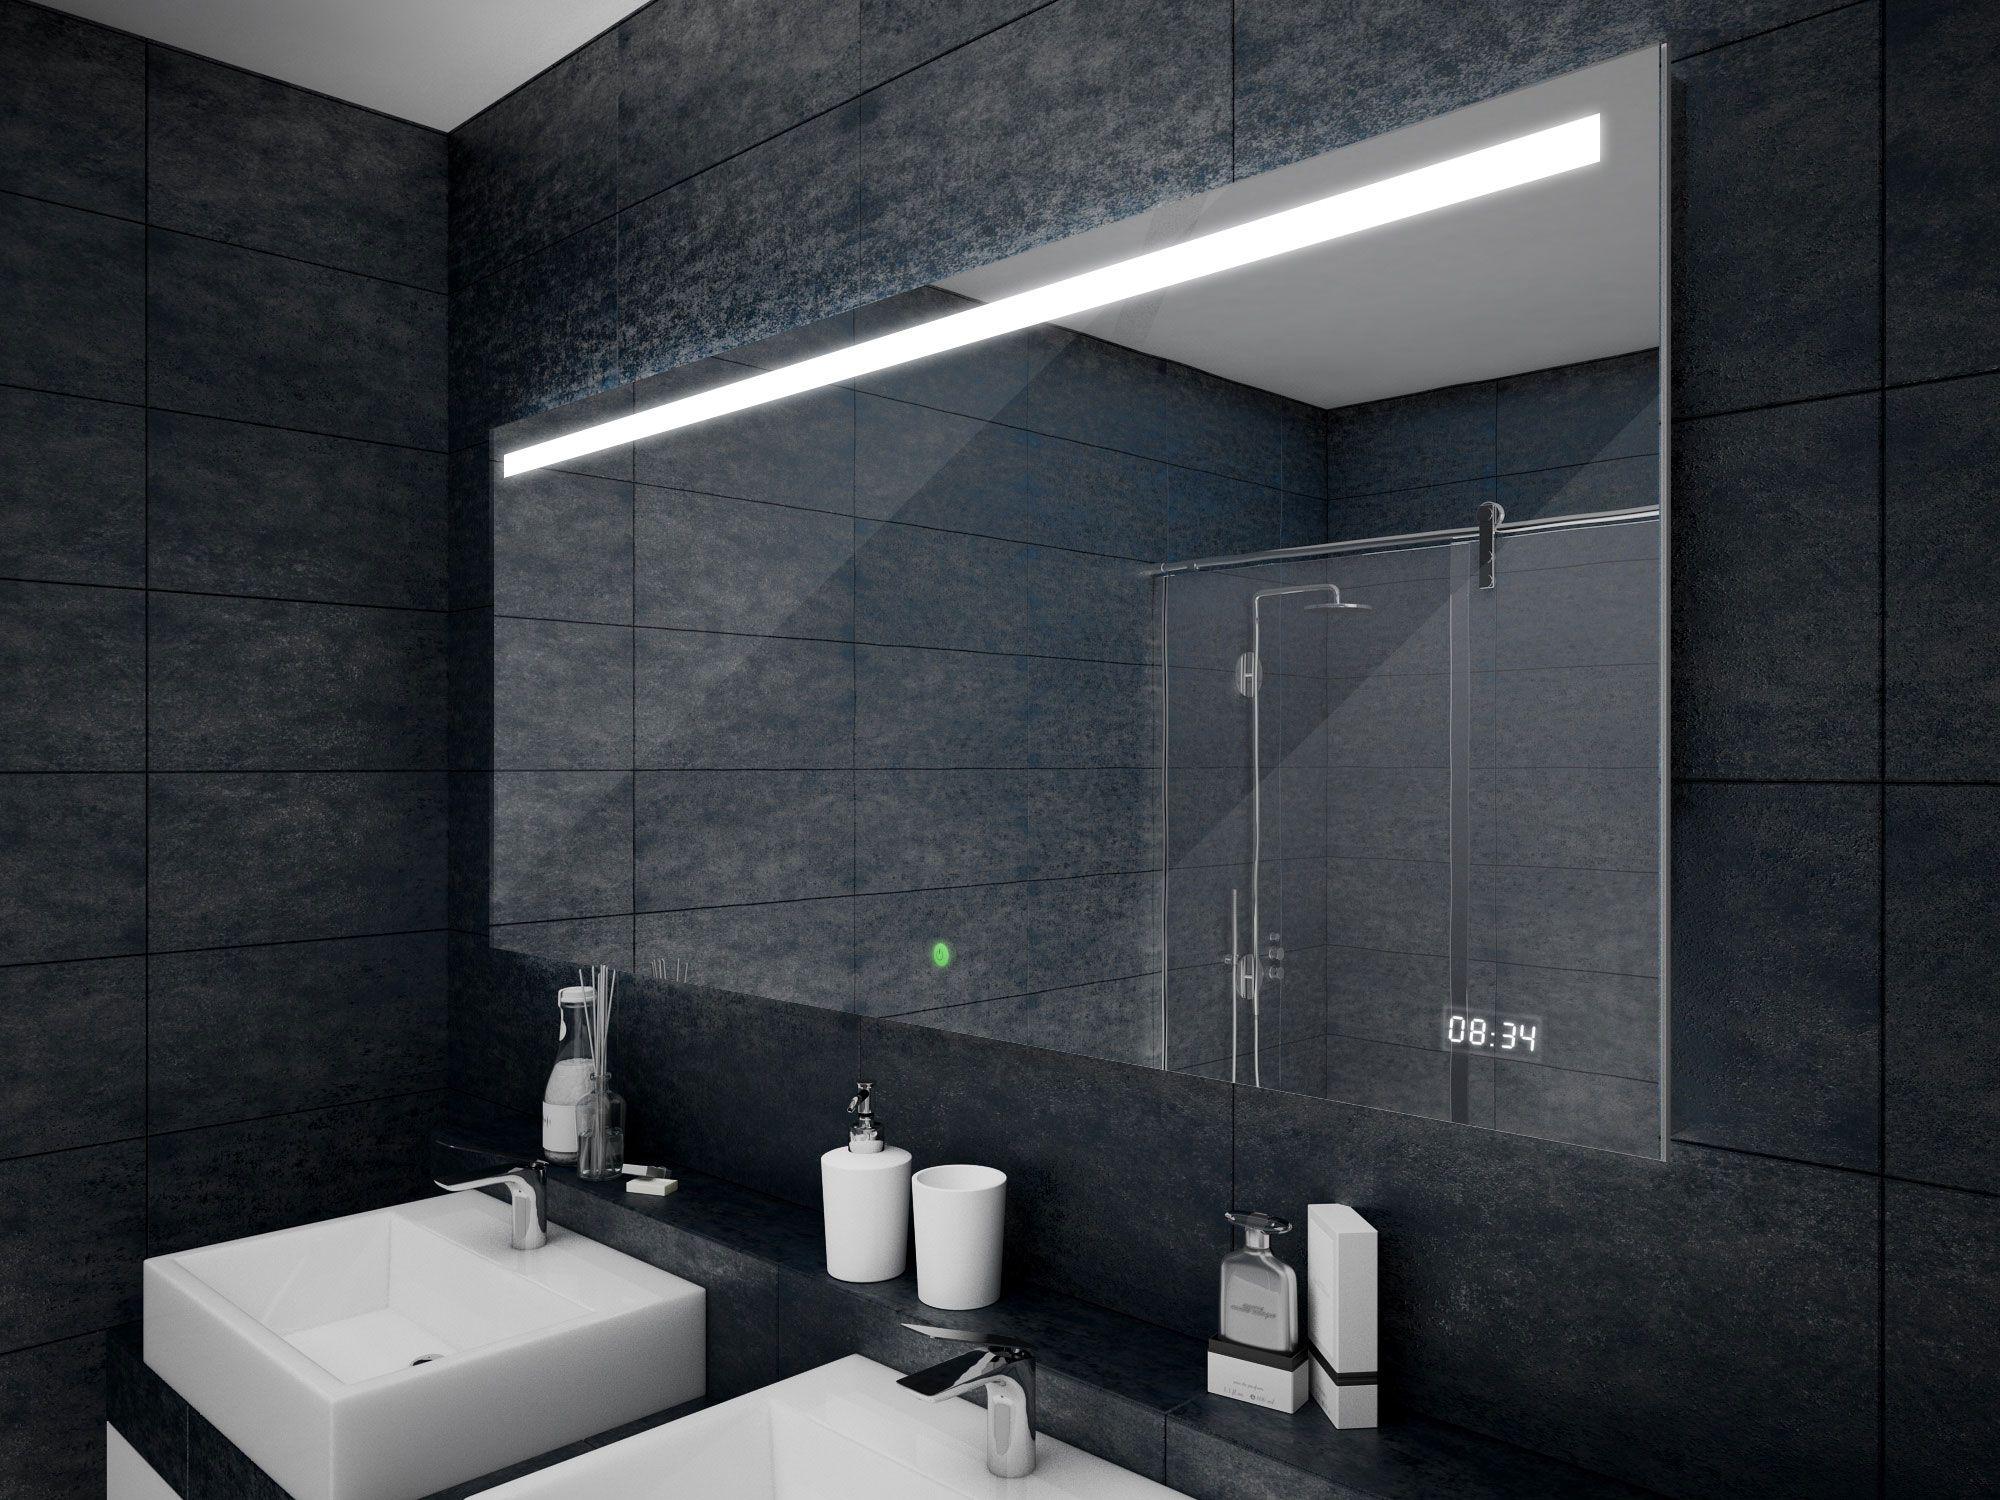 Badezimmerspiegel Bauhaus ~ 26 best bathroom mirror glass images on pinterest bathroom mirrors